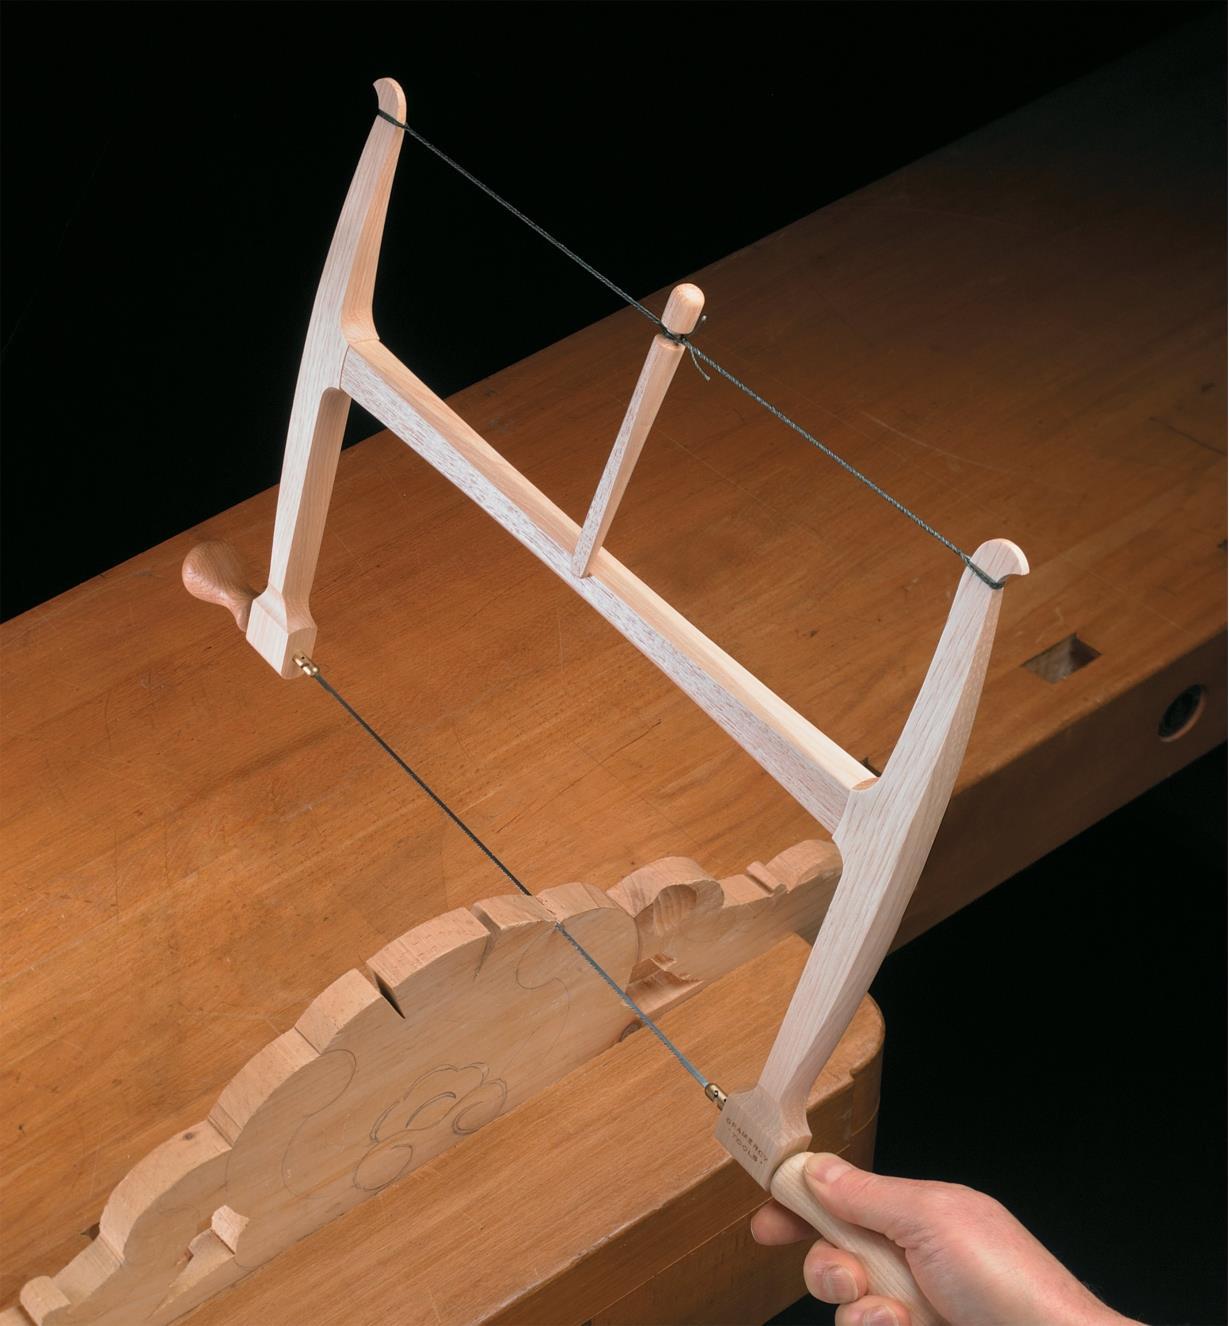 Cutting into a workpiece with a Gramercy Bow Saw